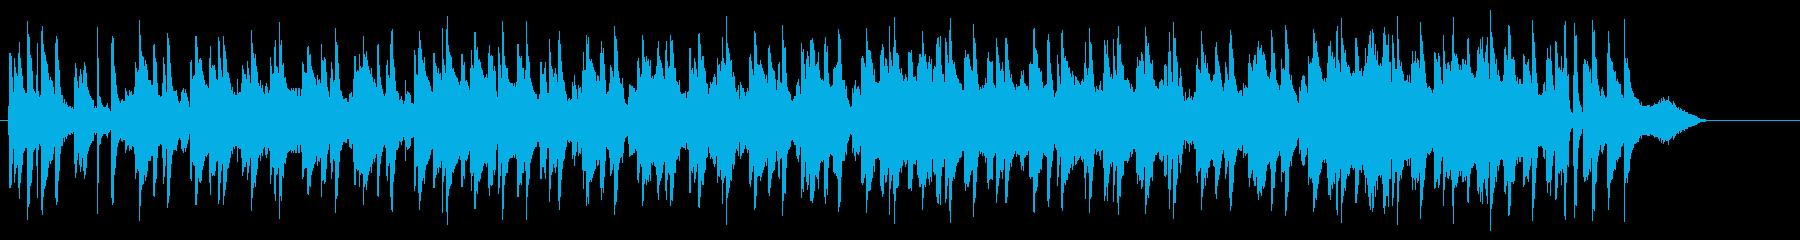 ゆっくりと時間が流れる大人のジャズの再生済みの波形